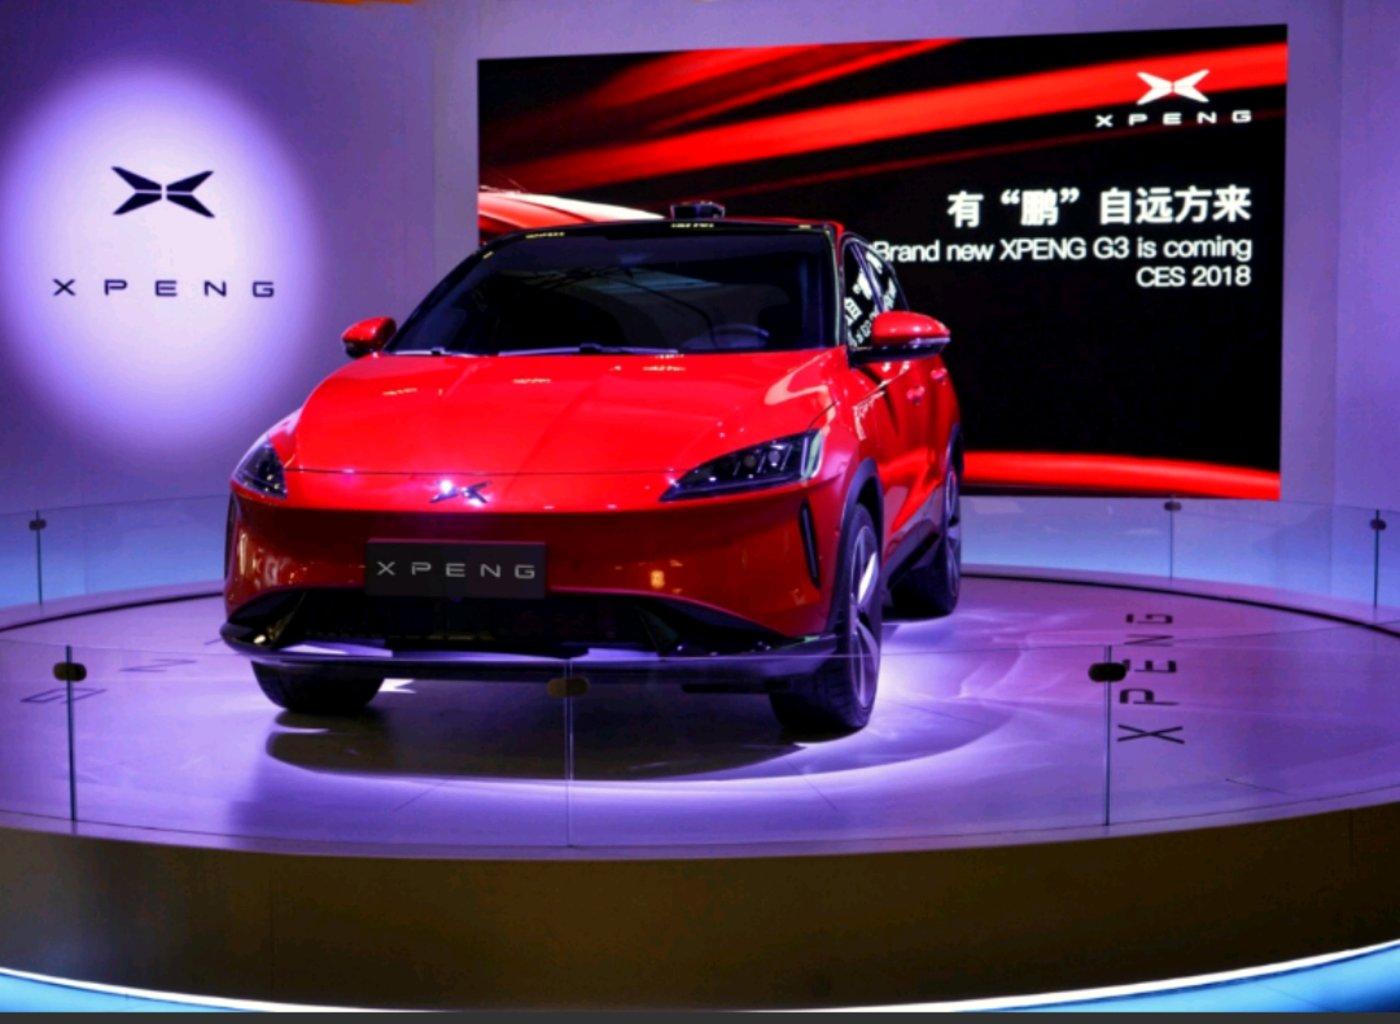 XPENG G3, XPENG Motors